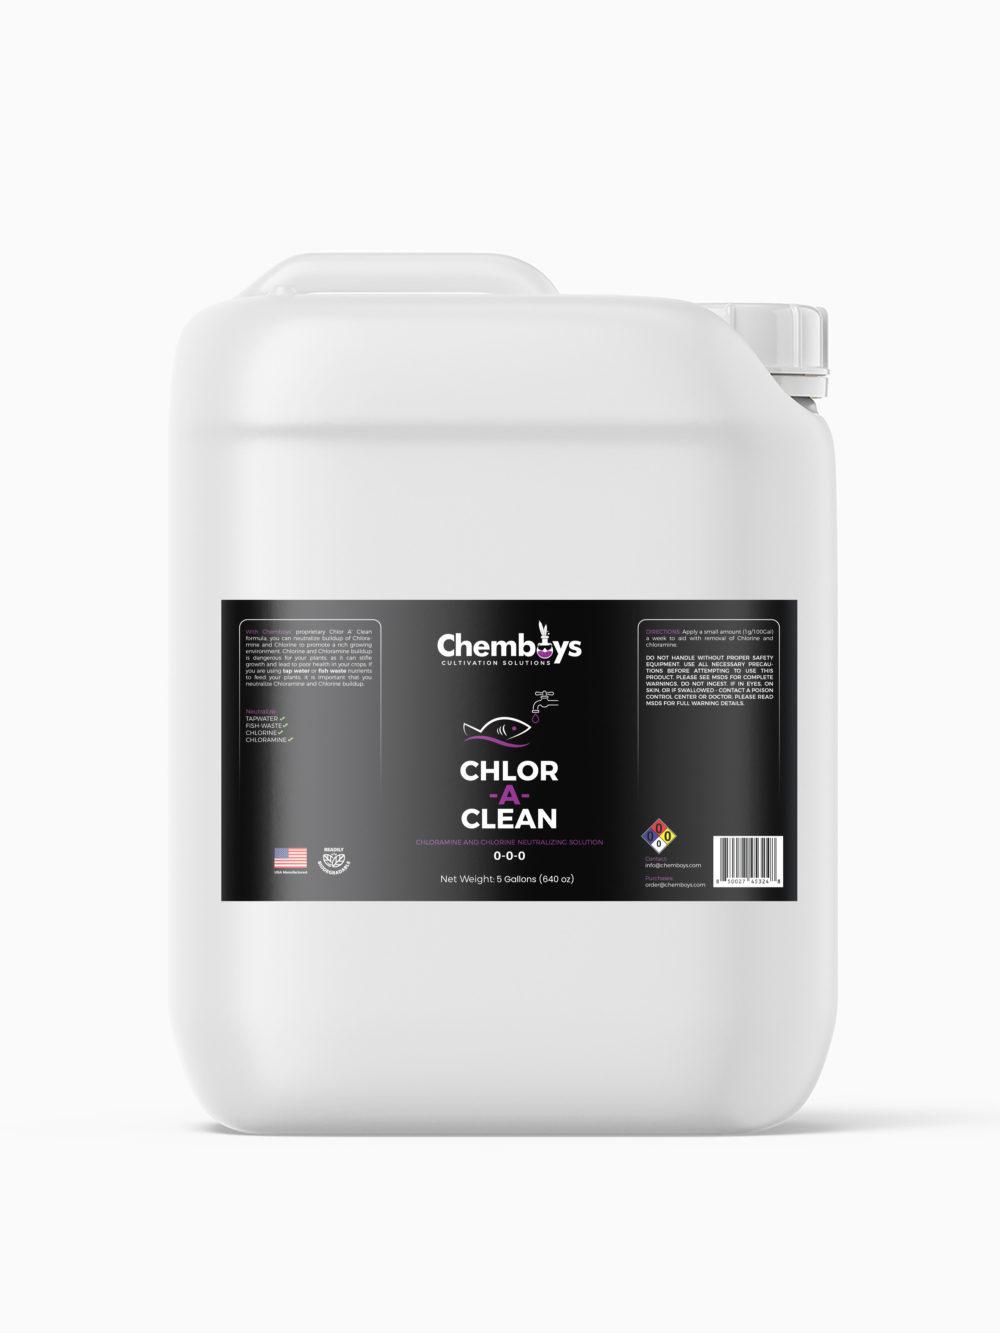 Chlor A clean 5 gallon